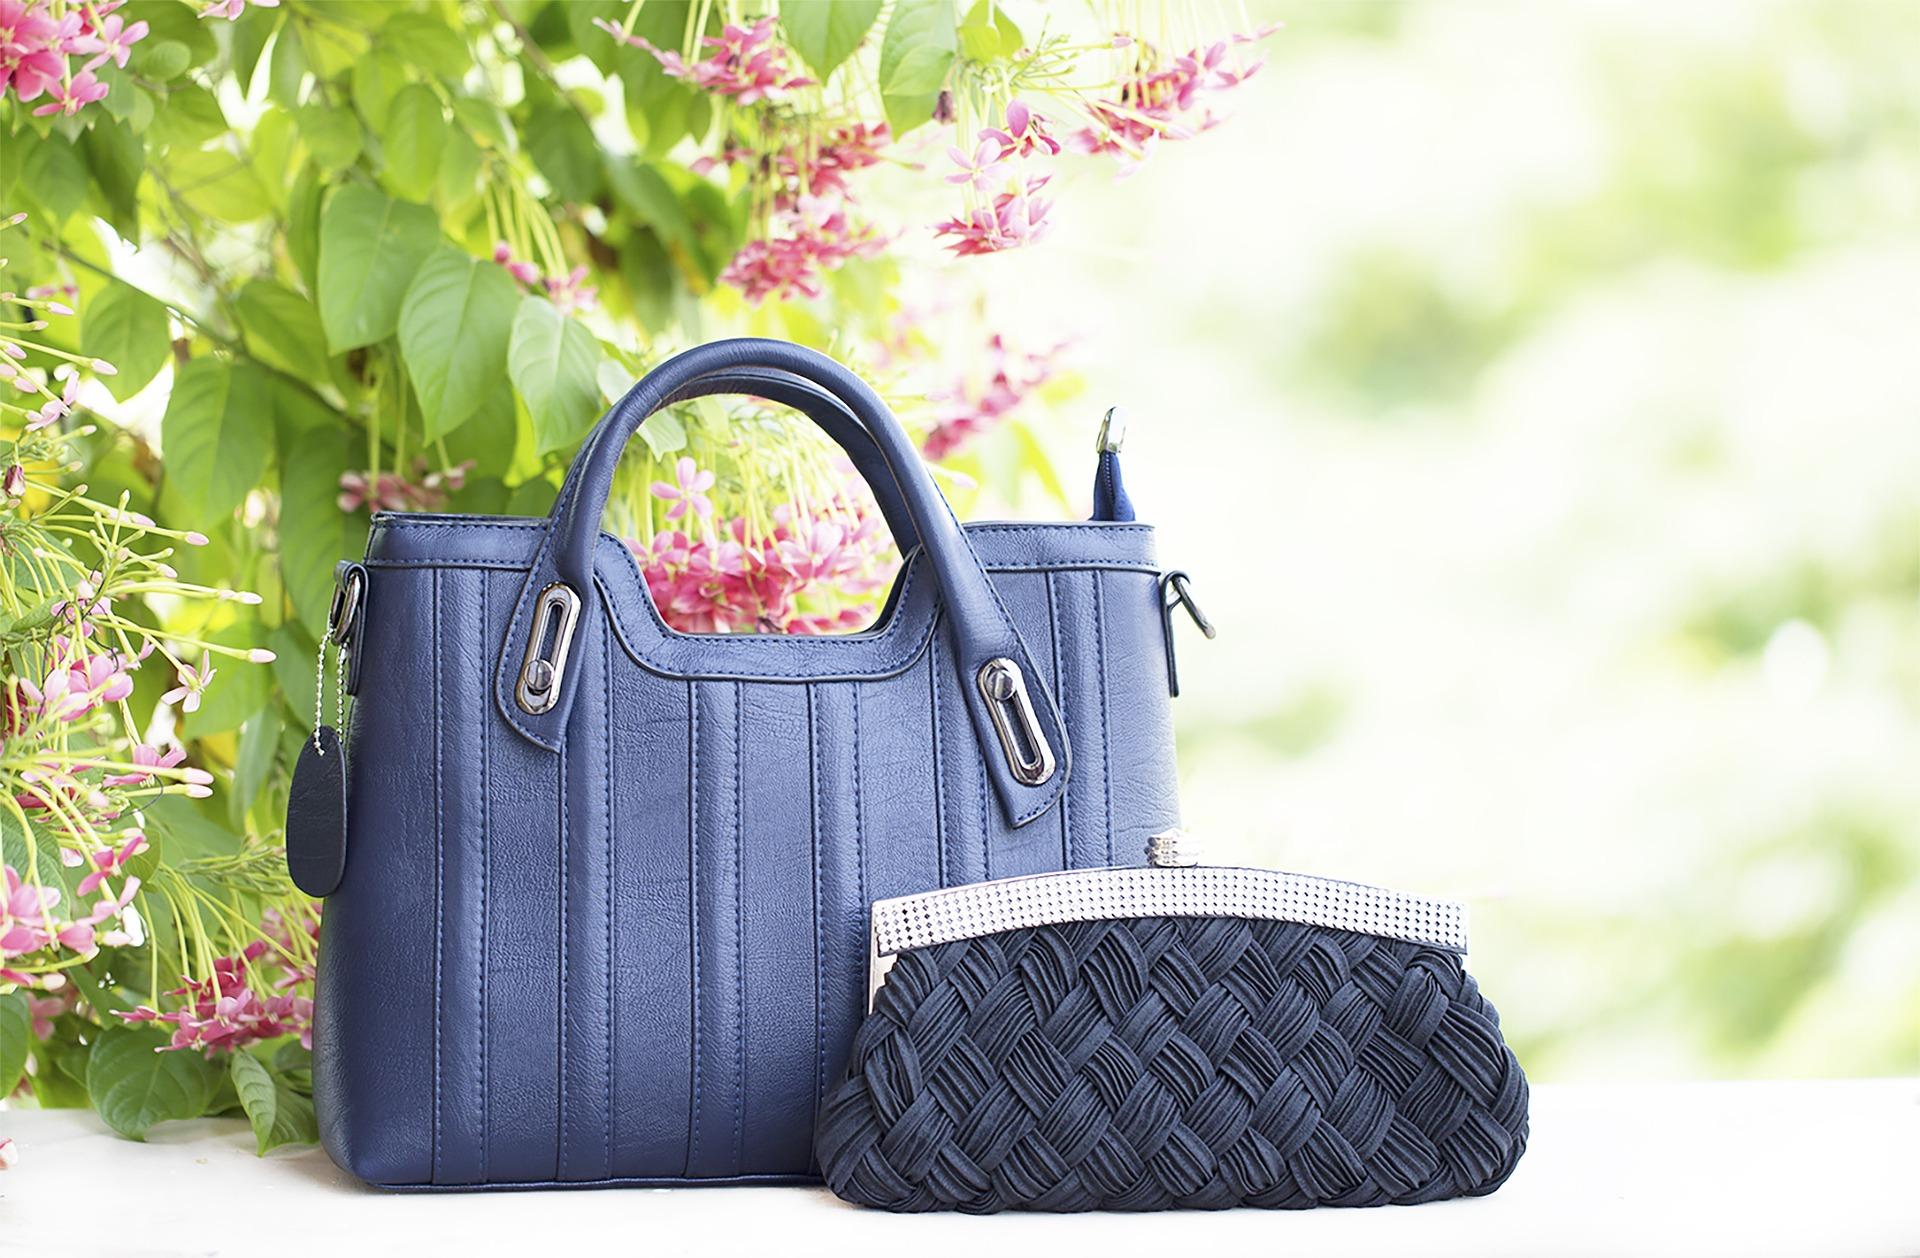 Modelos de bolsas Chanel para levar em viagens